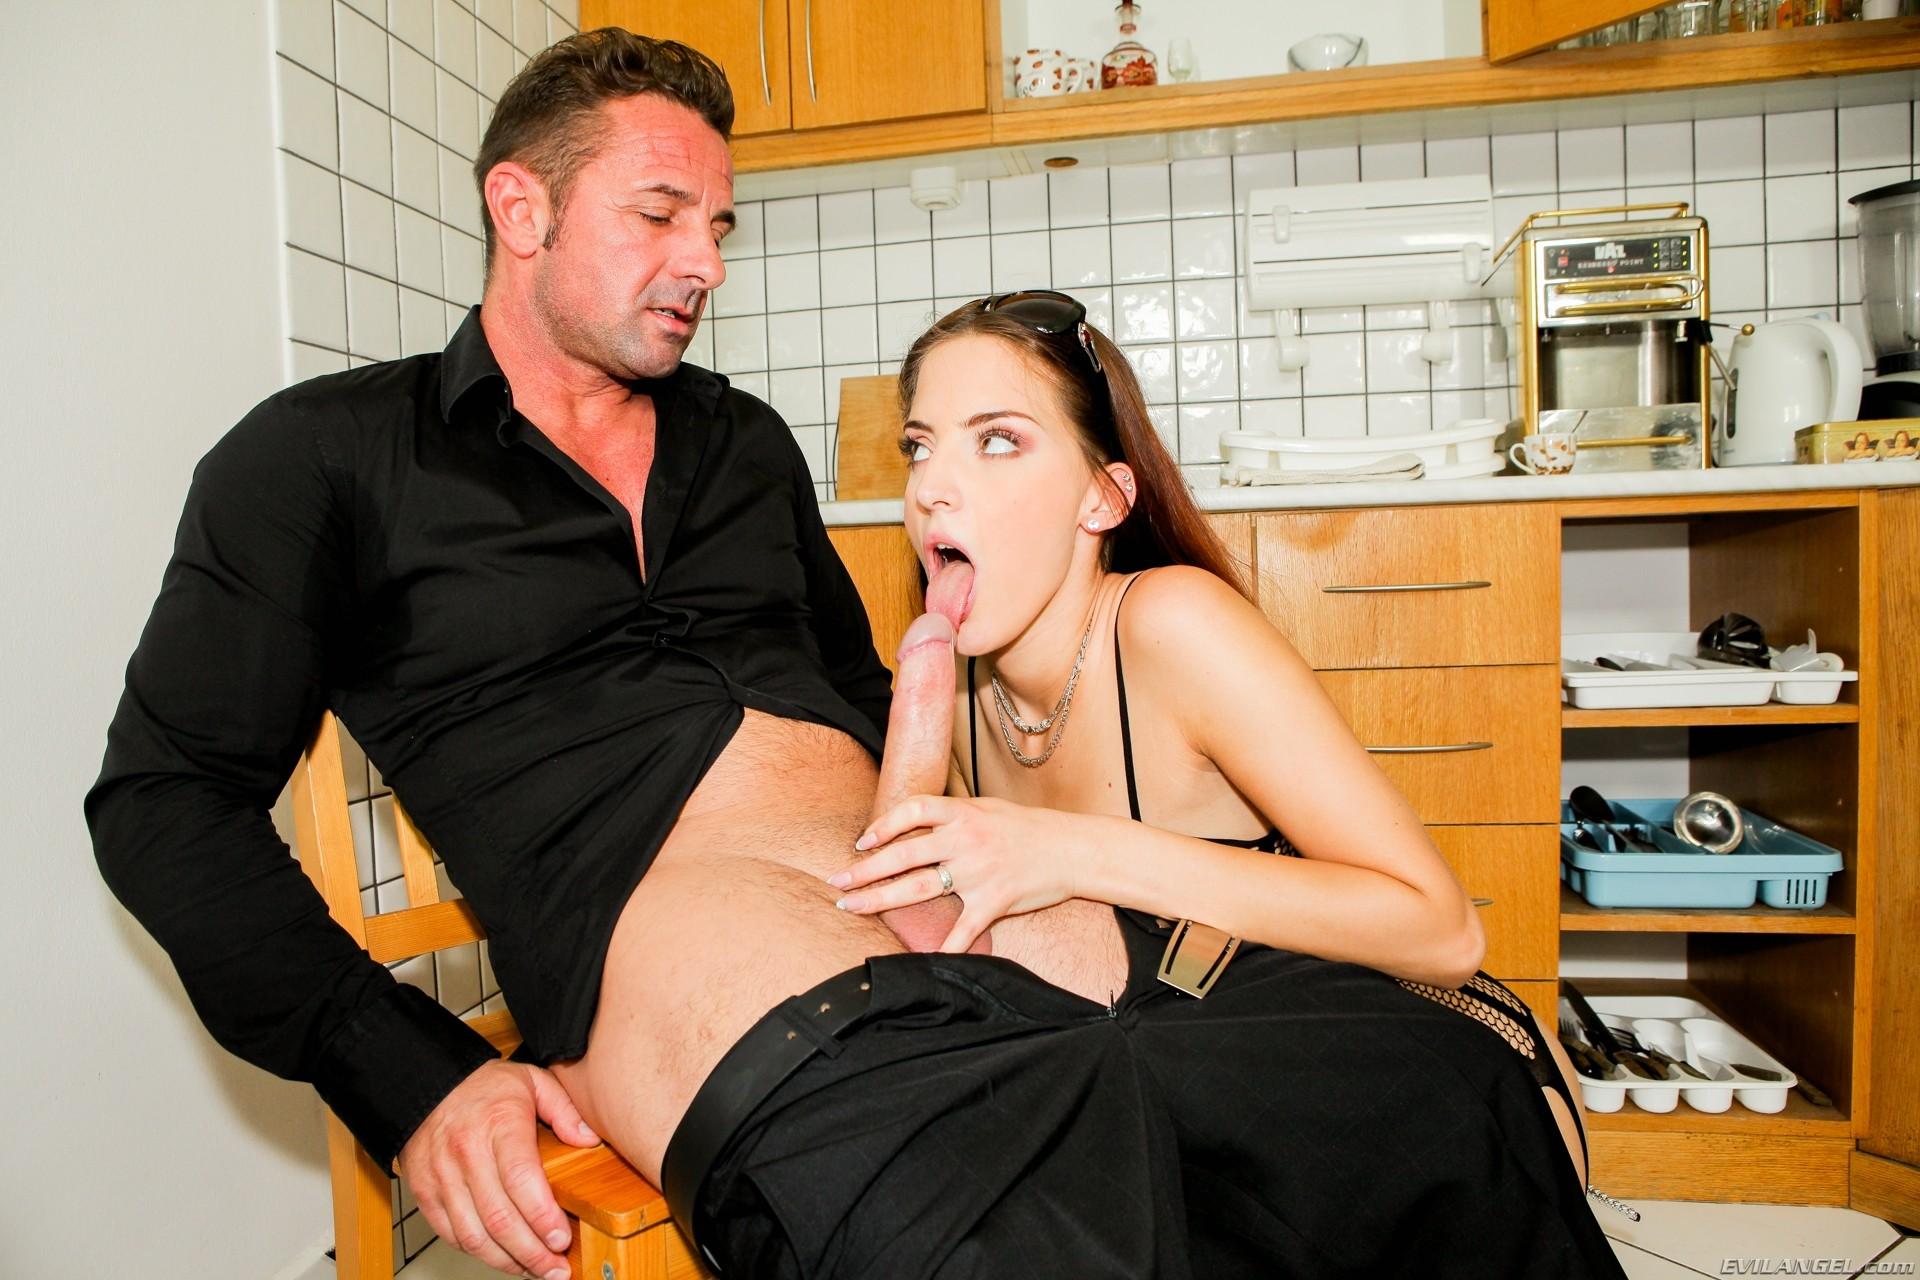 Дэвид перри с женой и служанка, порно зрелых горячих мамок фото